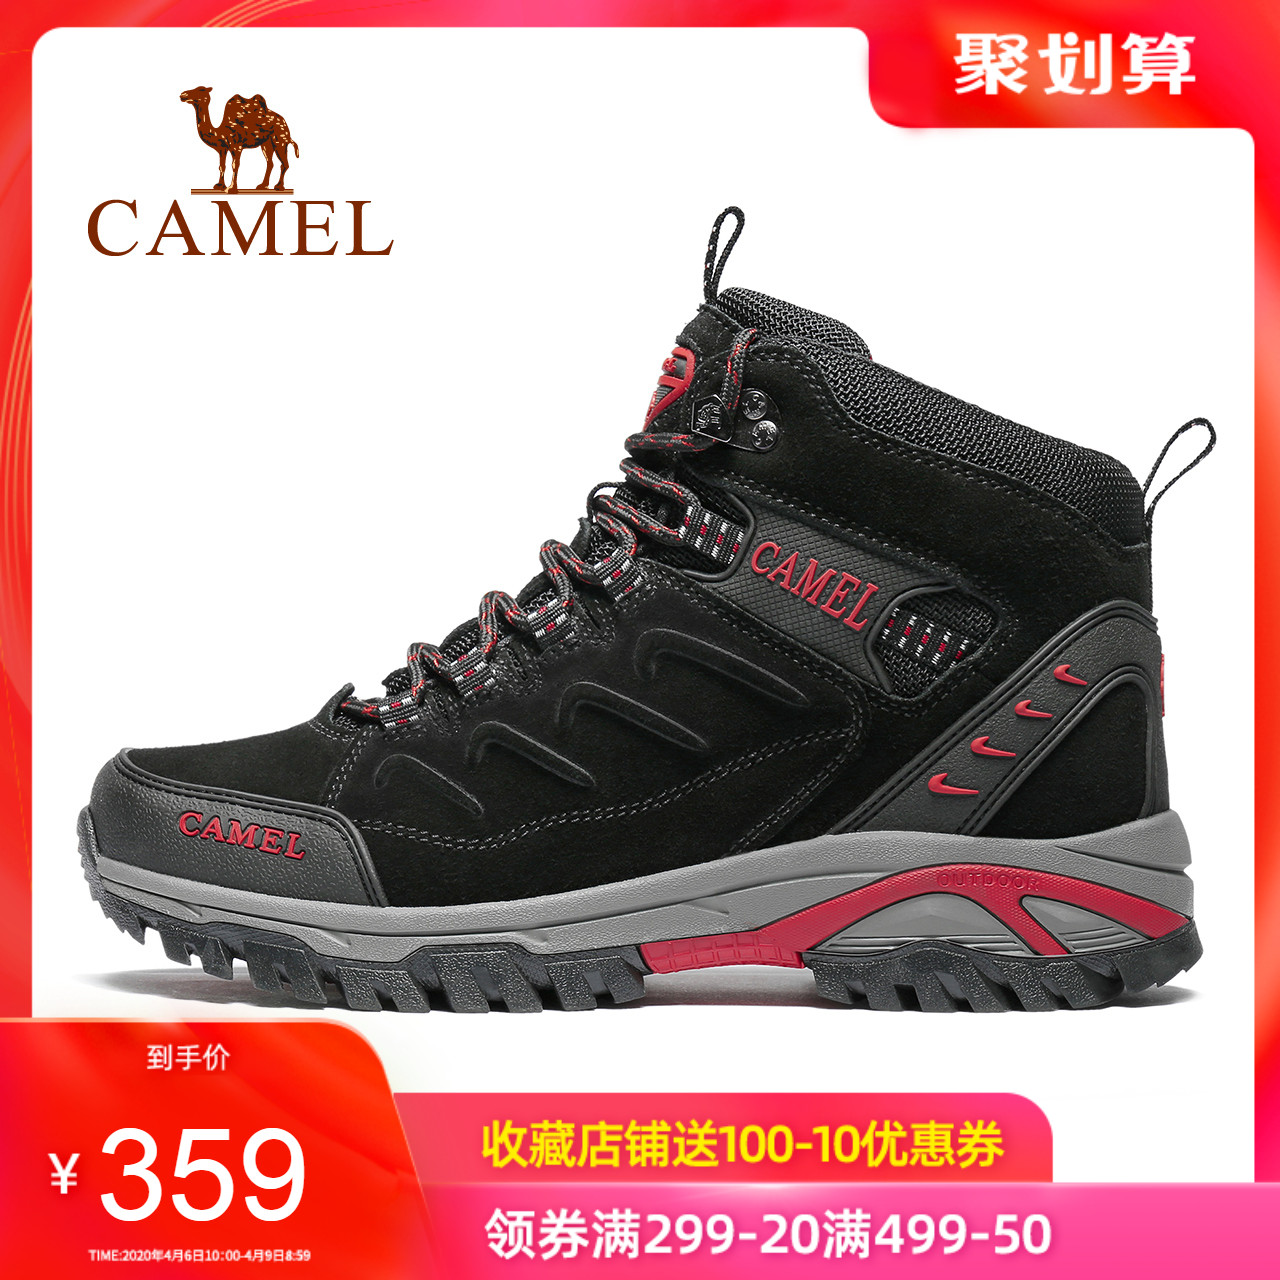 Giày leo núi lạc đà nam ấm cao hàng đầu không thấm nước chống trượt giày nữ ngoài trời giày leo núi giày leo núi - Khởi động ngoài trời